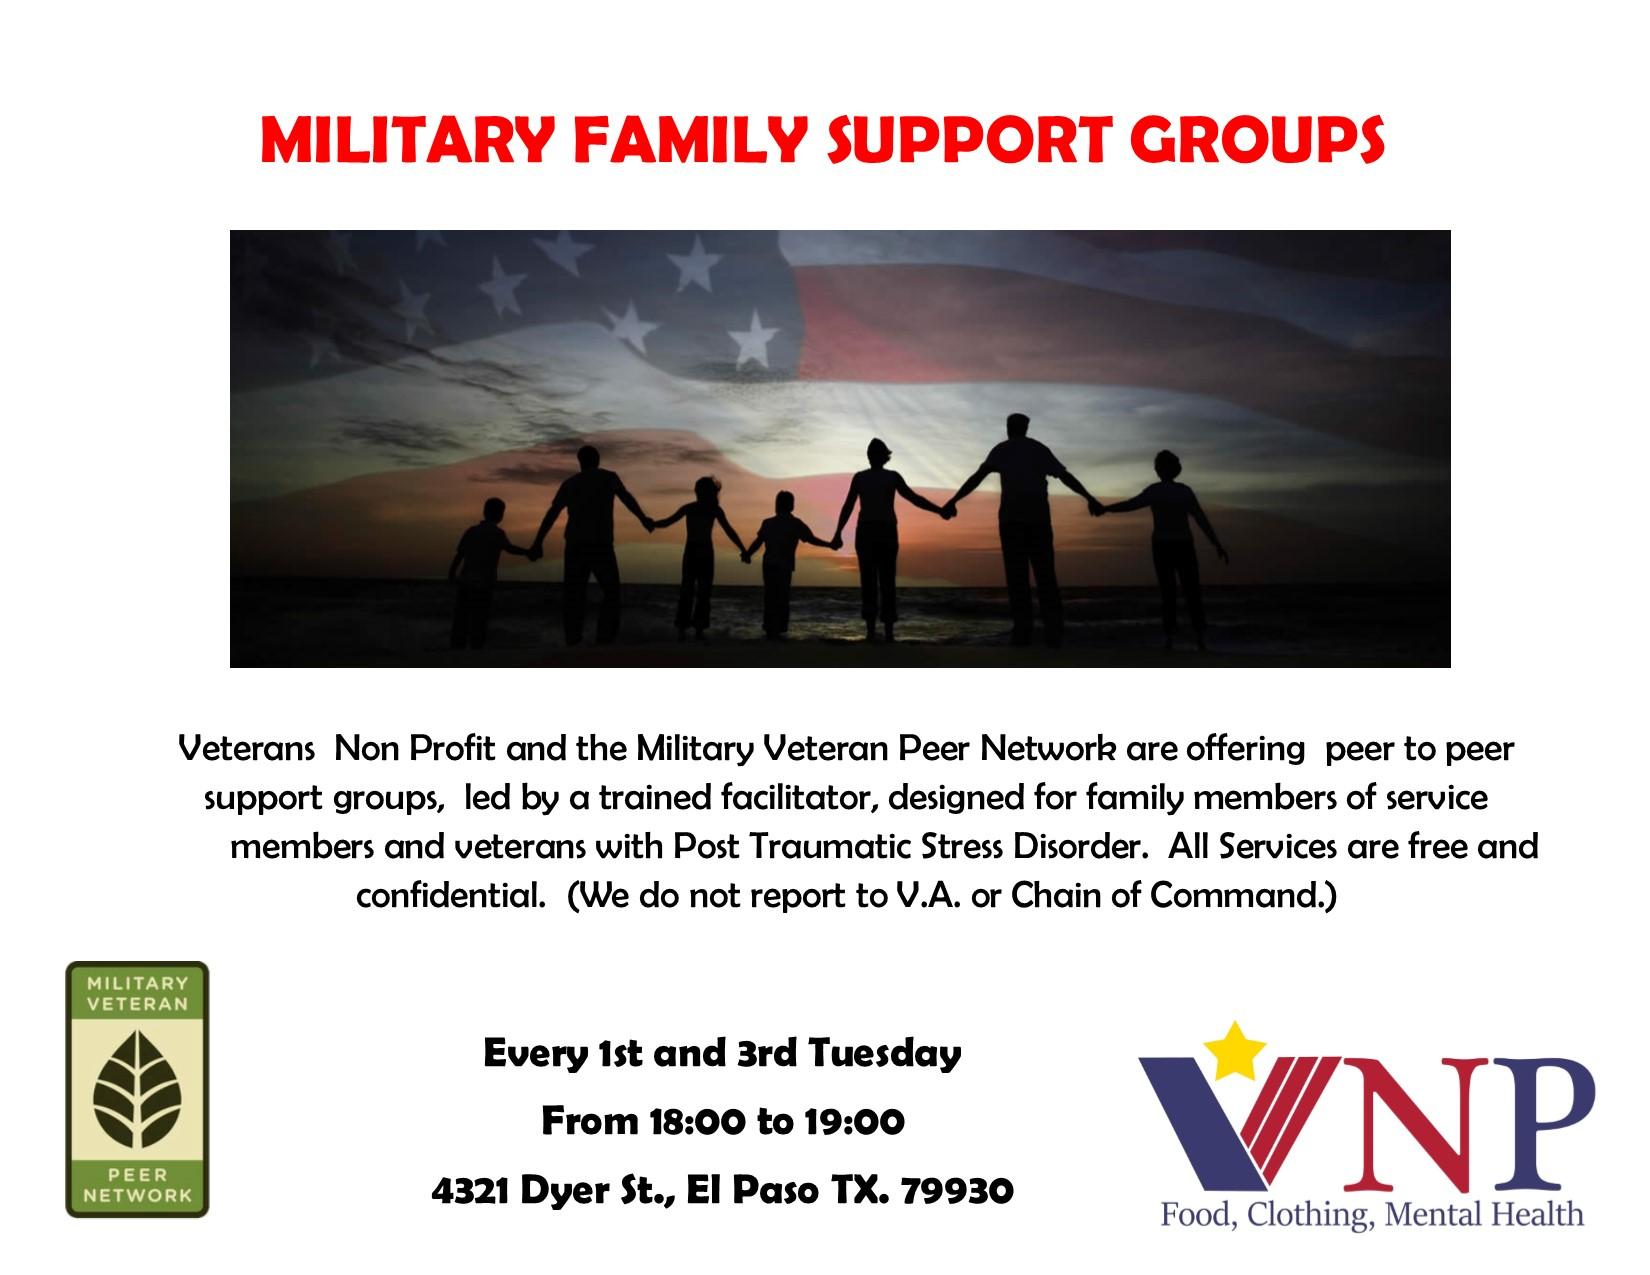 VNP Family support group Flyer 1 Aug19JPEG.jpg